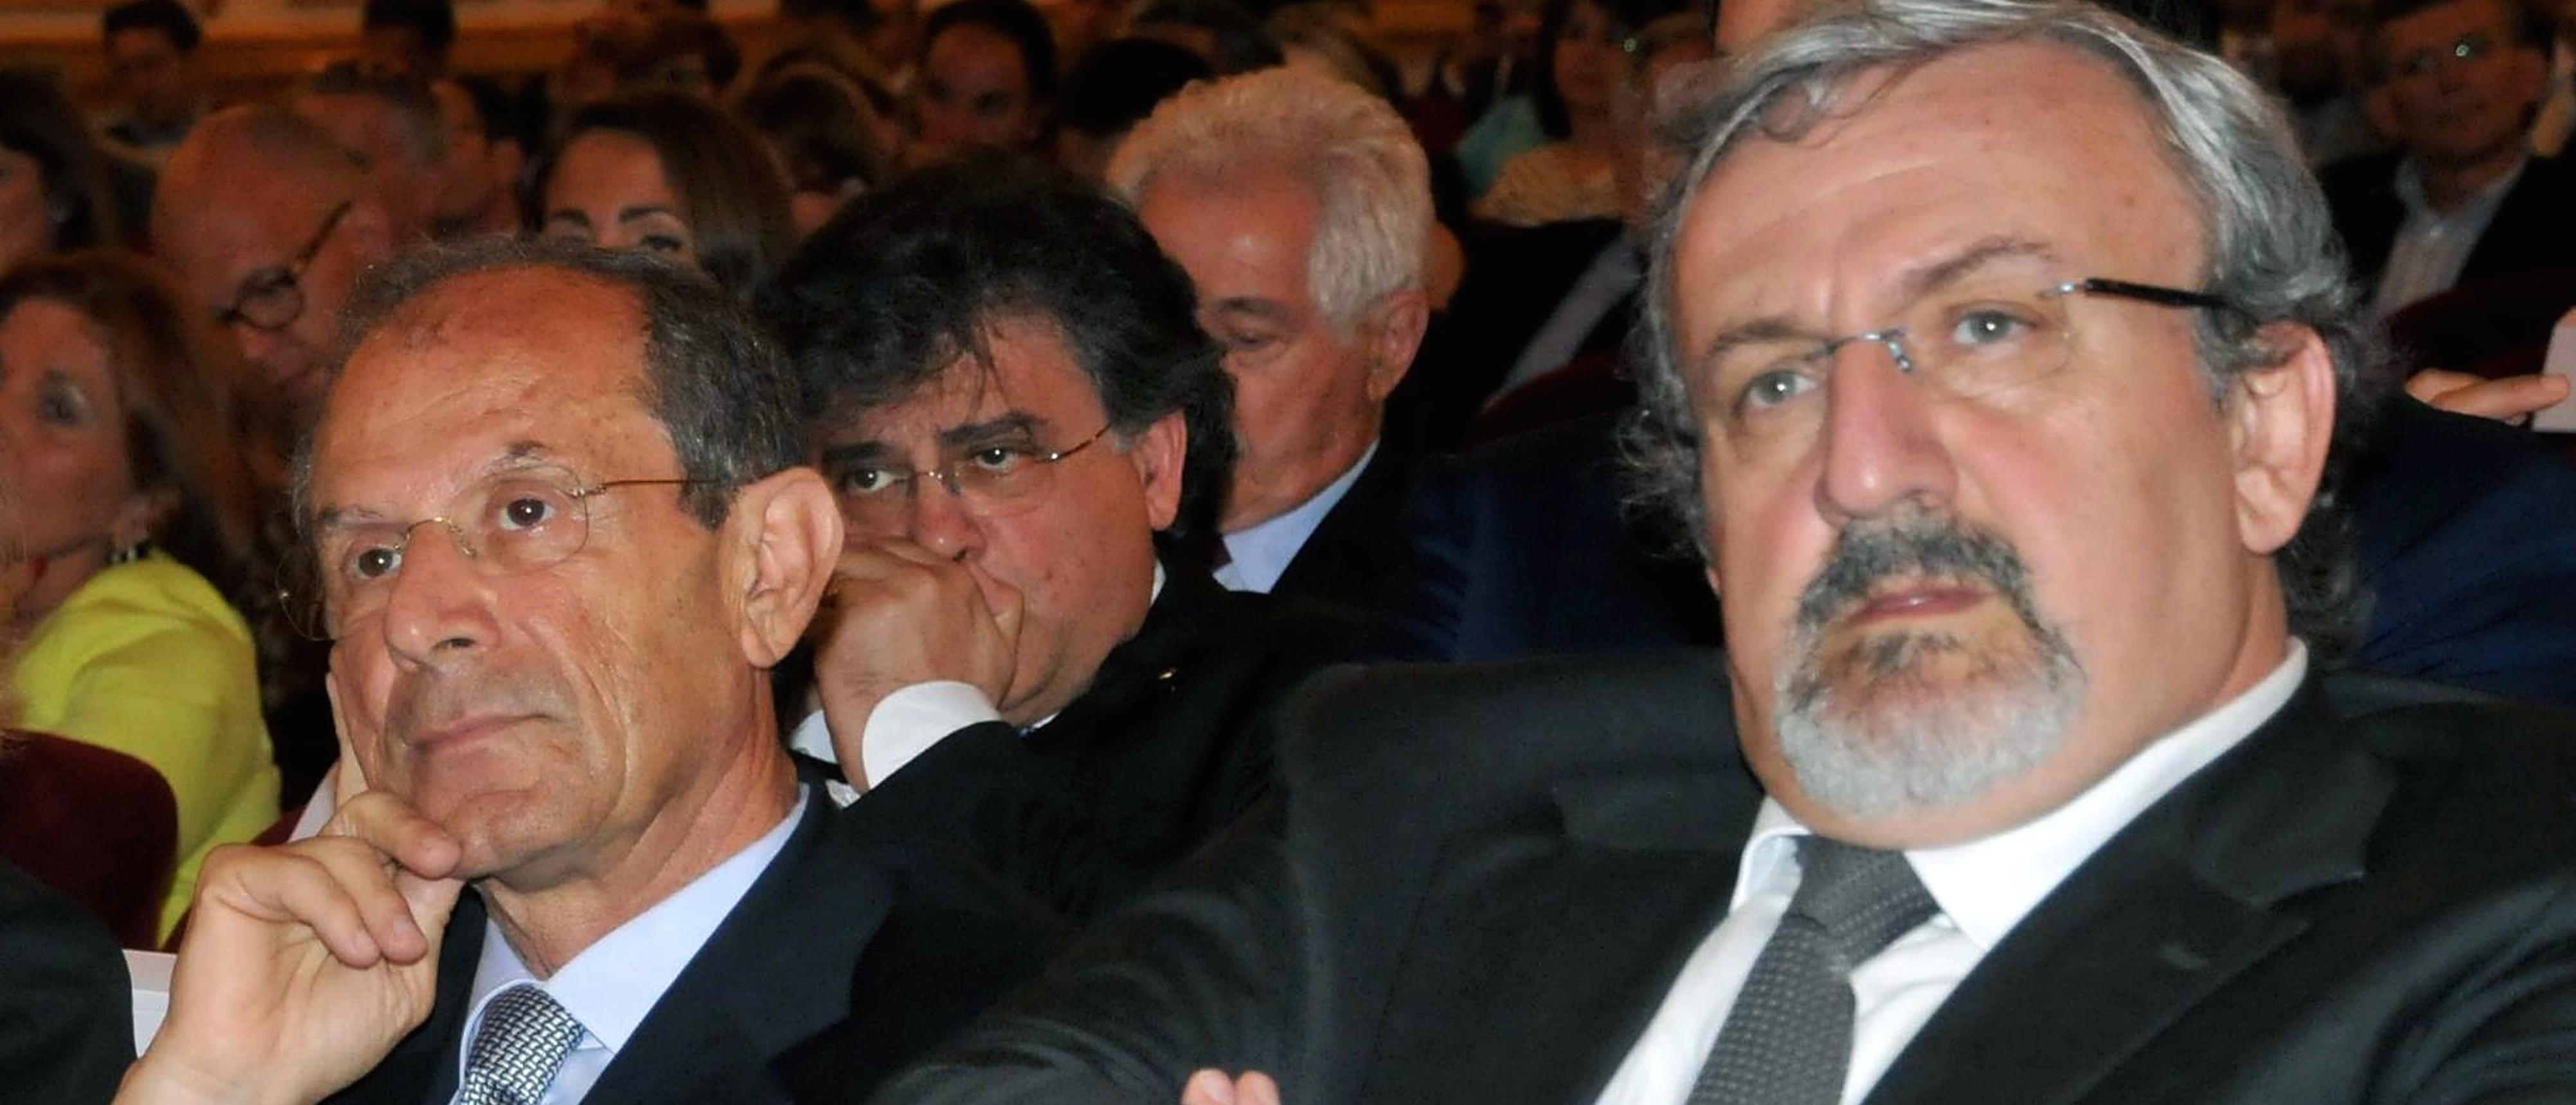 Francesco Schittulli accanto a Michele Emiliano